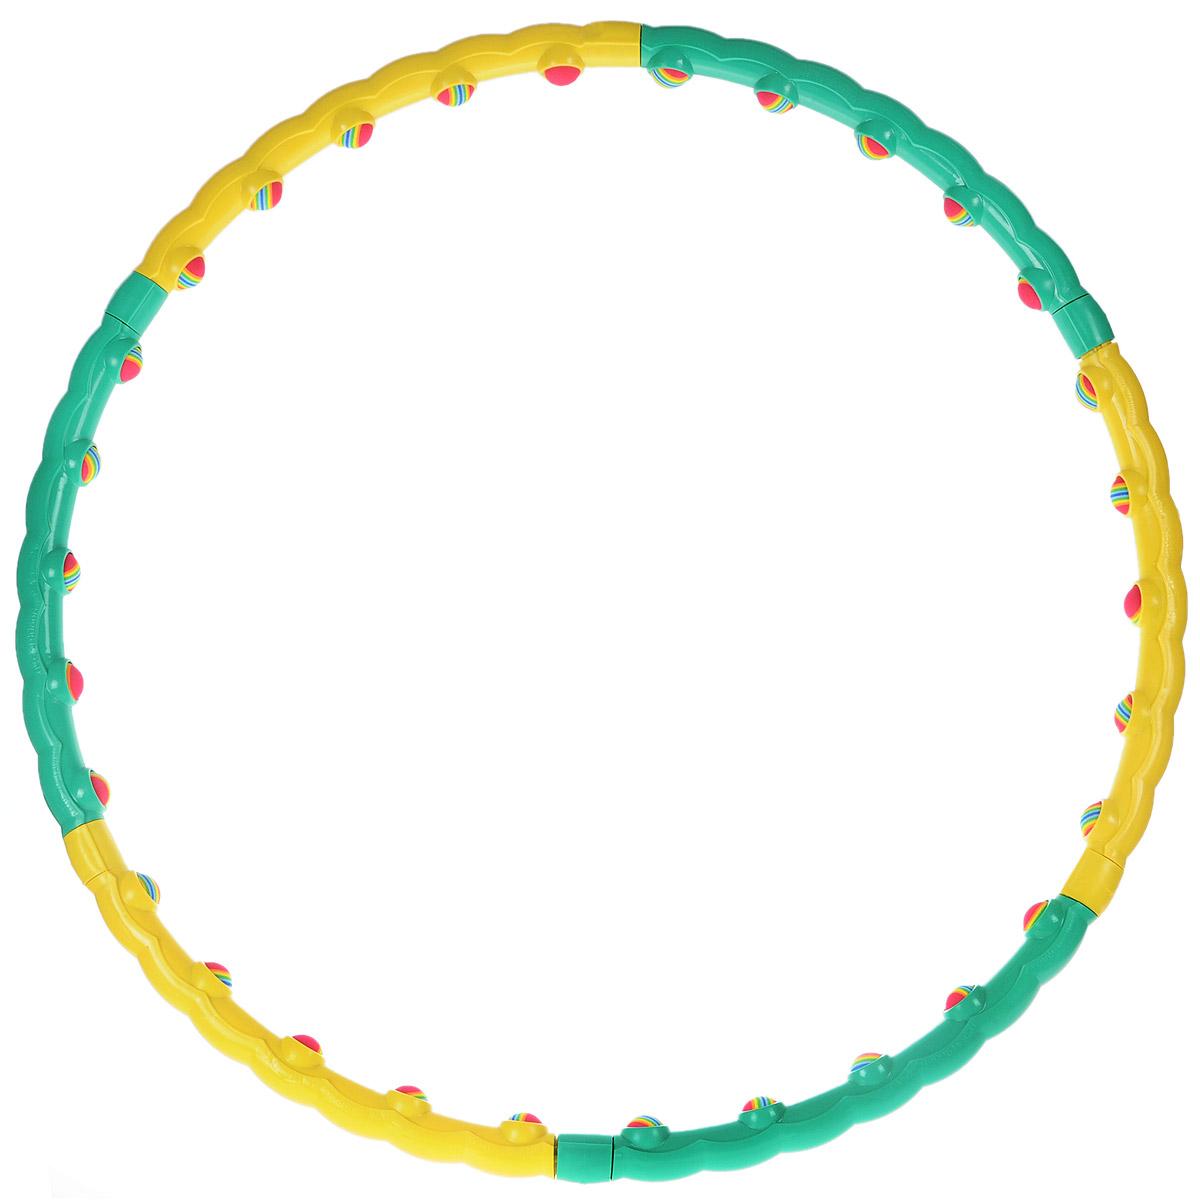 Обруч массажный Хула-хуп с неопреновыми шариками, разборныйКомфортМассажный обруч Хула-хуп изготовлен из пластика. Он имеет 30 мягких неопреновых шариков, которые оказывают массажный эффект. Форма обруча стимулирует акупунктурные точки поясницы и обеспечивает массирующий эффект, помогает избавиться от излишнего веса. Обруч помогает сохранить тело подтянутым и стимулирует работу кишечника. Характеристики: Материал:пластик. Диаметр (внутренний):90 см. Размер упаковки:53 см х 23,5 х 10 см. Производитель:Тайвань. Артикул:HH-01.